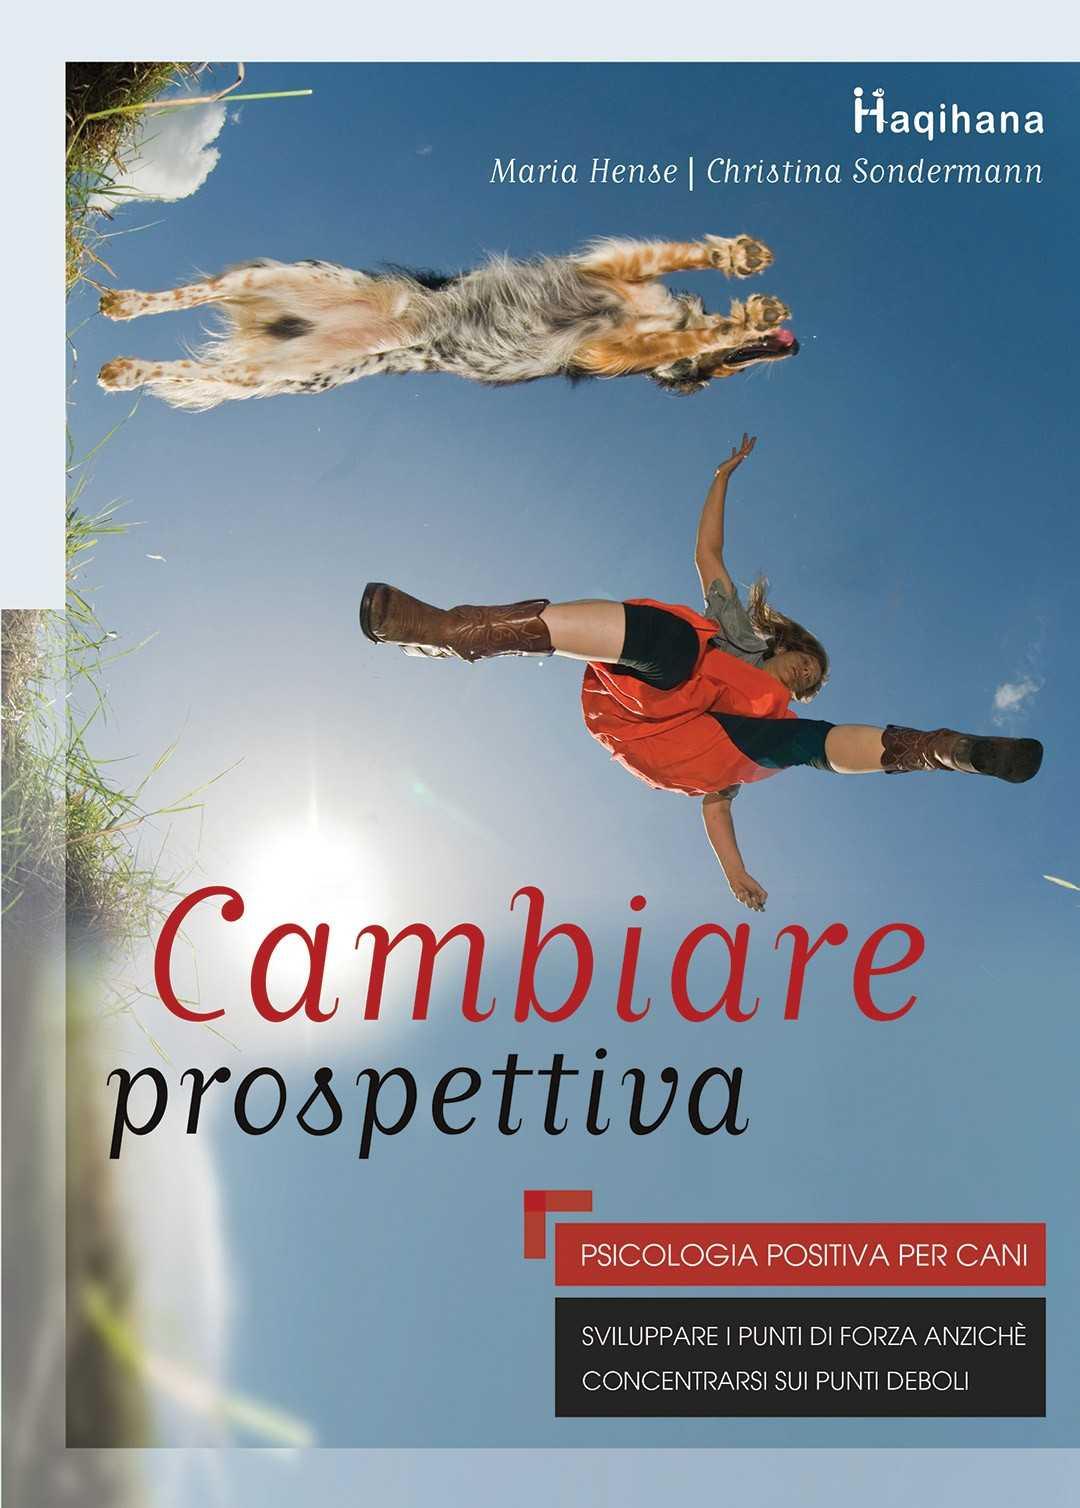 Cambiare Prospettiva - Psicologia positiva per cani (ITALIAN ONLY)